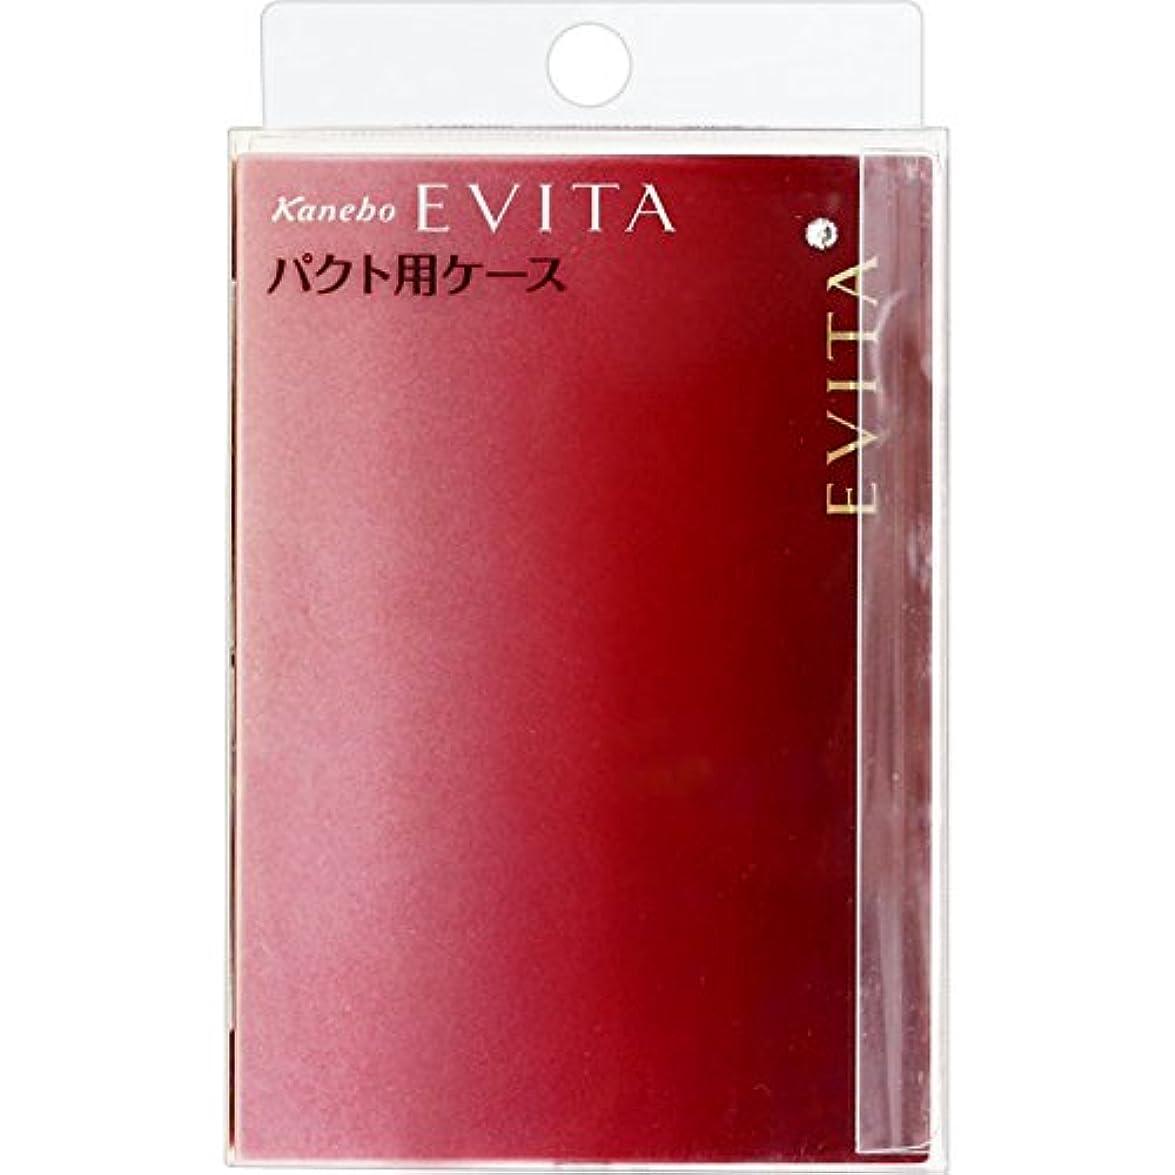 ロッカー経験有害な【カネボウ】EVITA(エビータ) ブライトニングエッセンスパクト用ケース